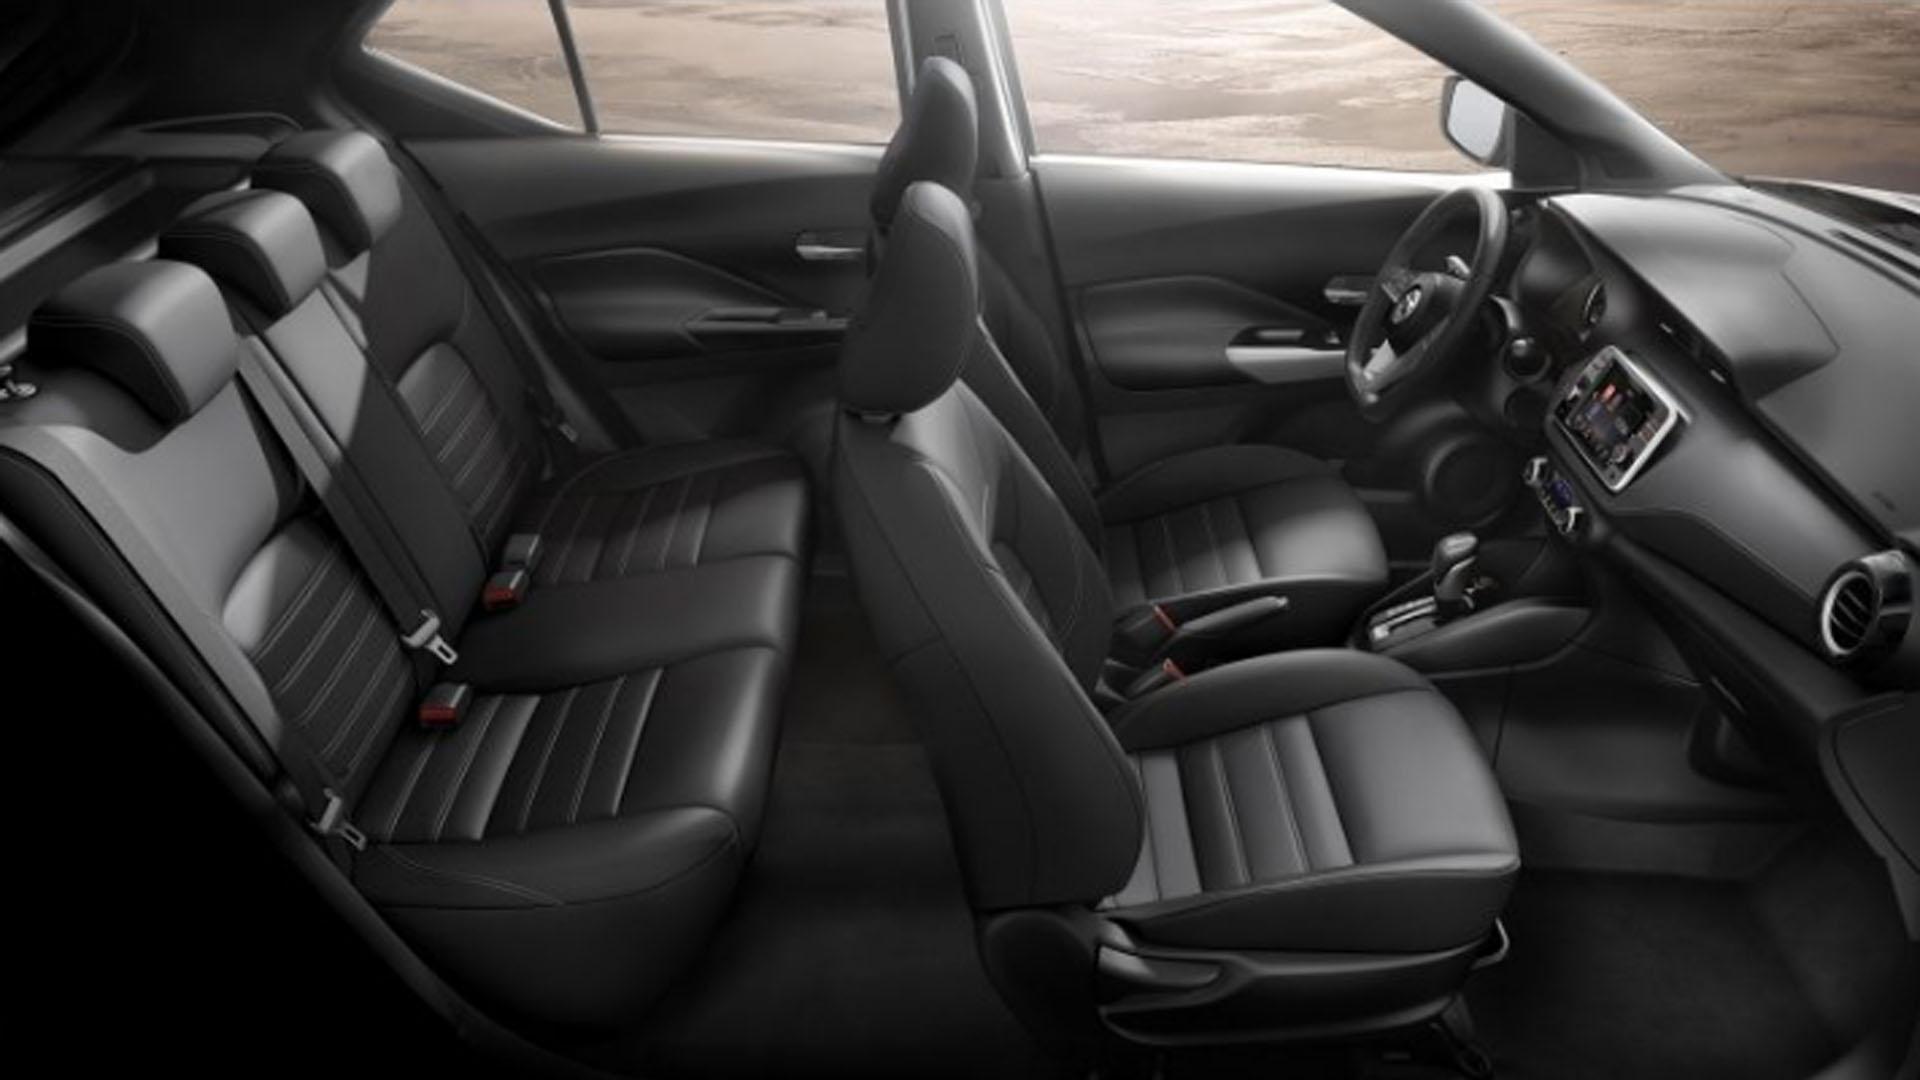 Con asientos para cinco personas, un amplio y flexible espacio interior así como inigualables acabados, el Nuevo Nissan Kicks esla excusa perfecta para planear otro viaje